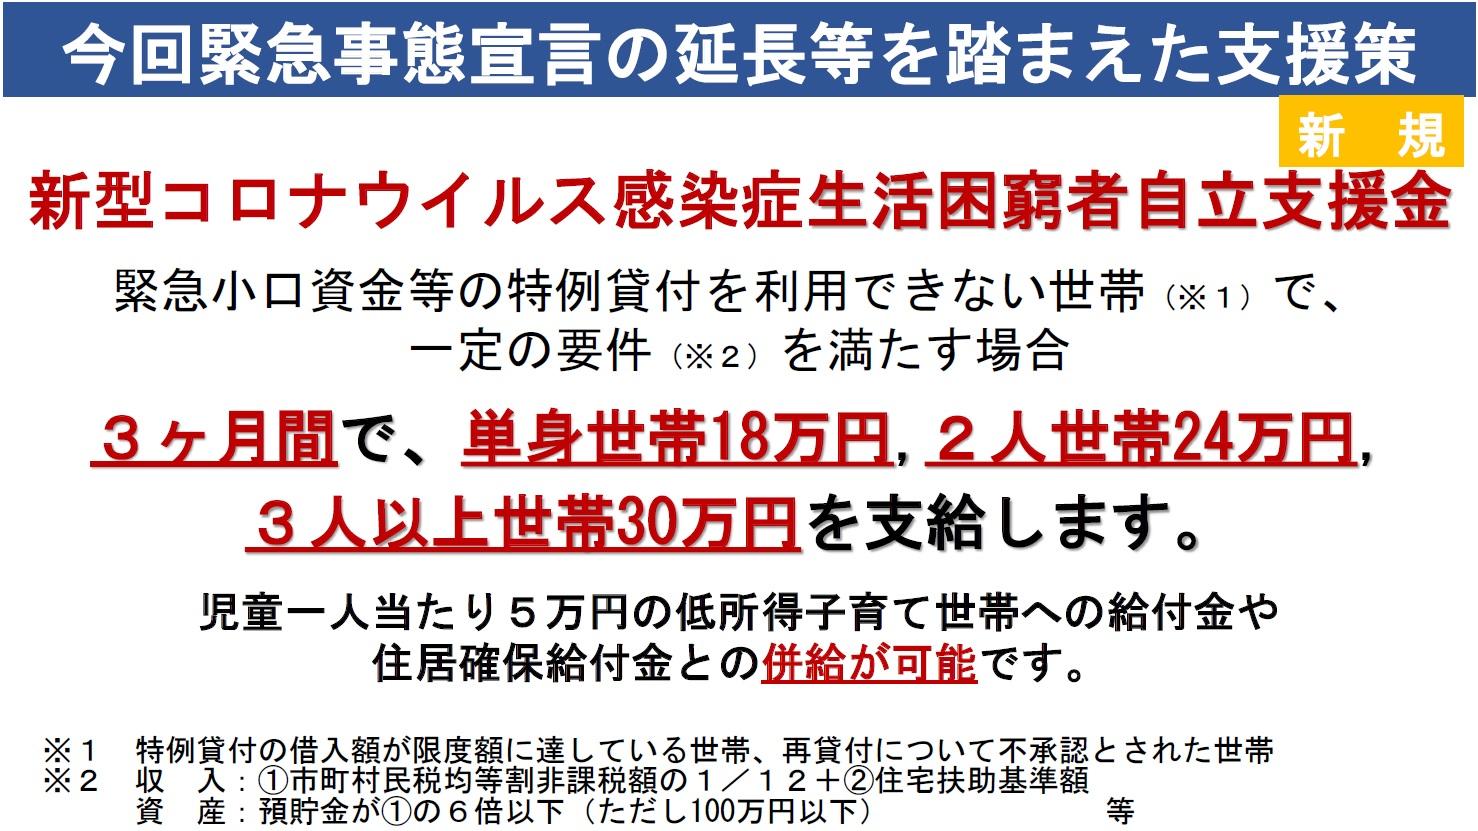 新型コロナウイルス感染症生活困窮者自立支援金.jpg